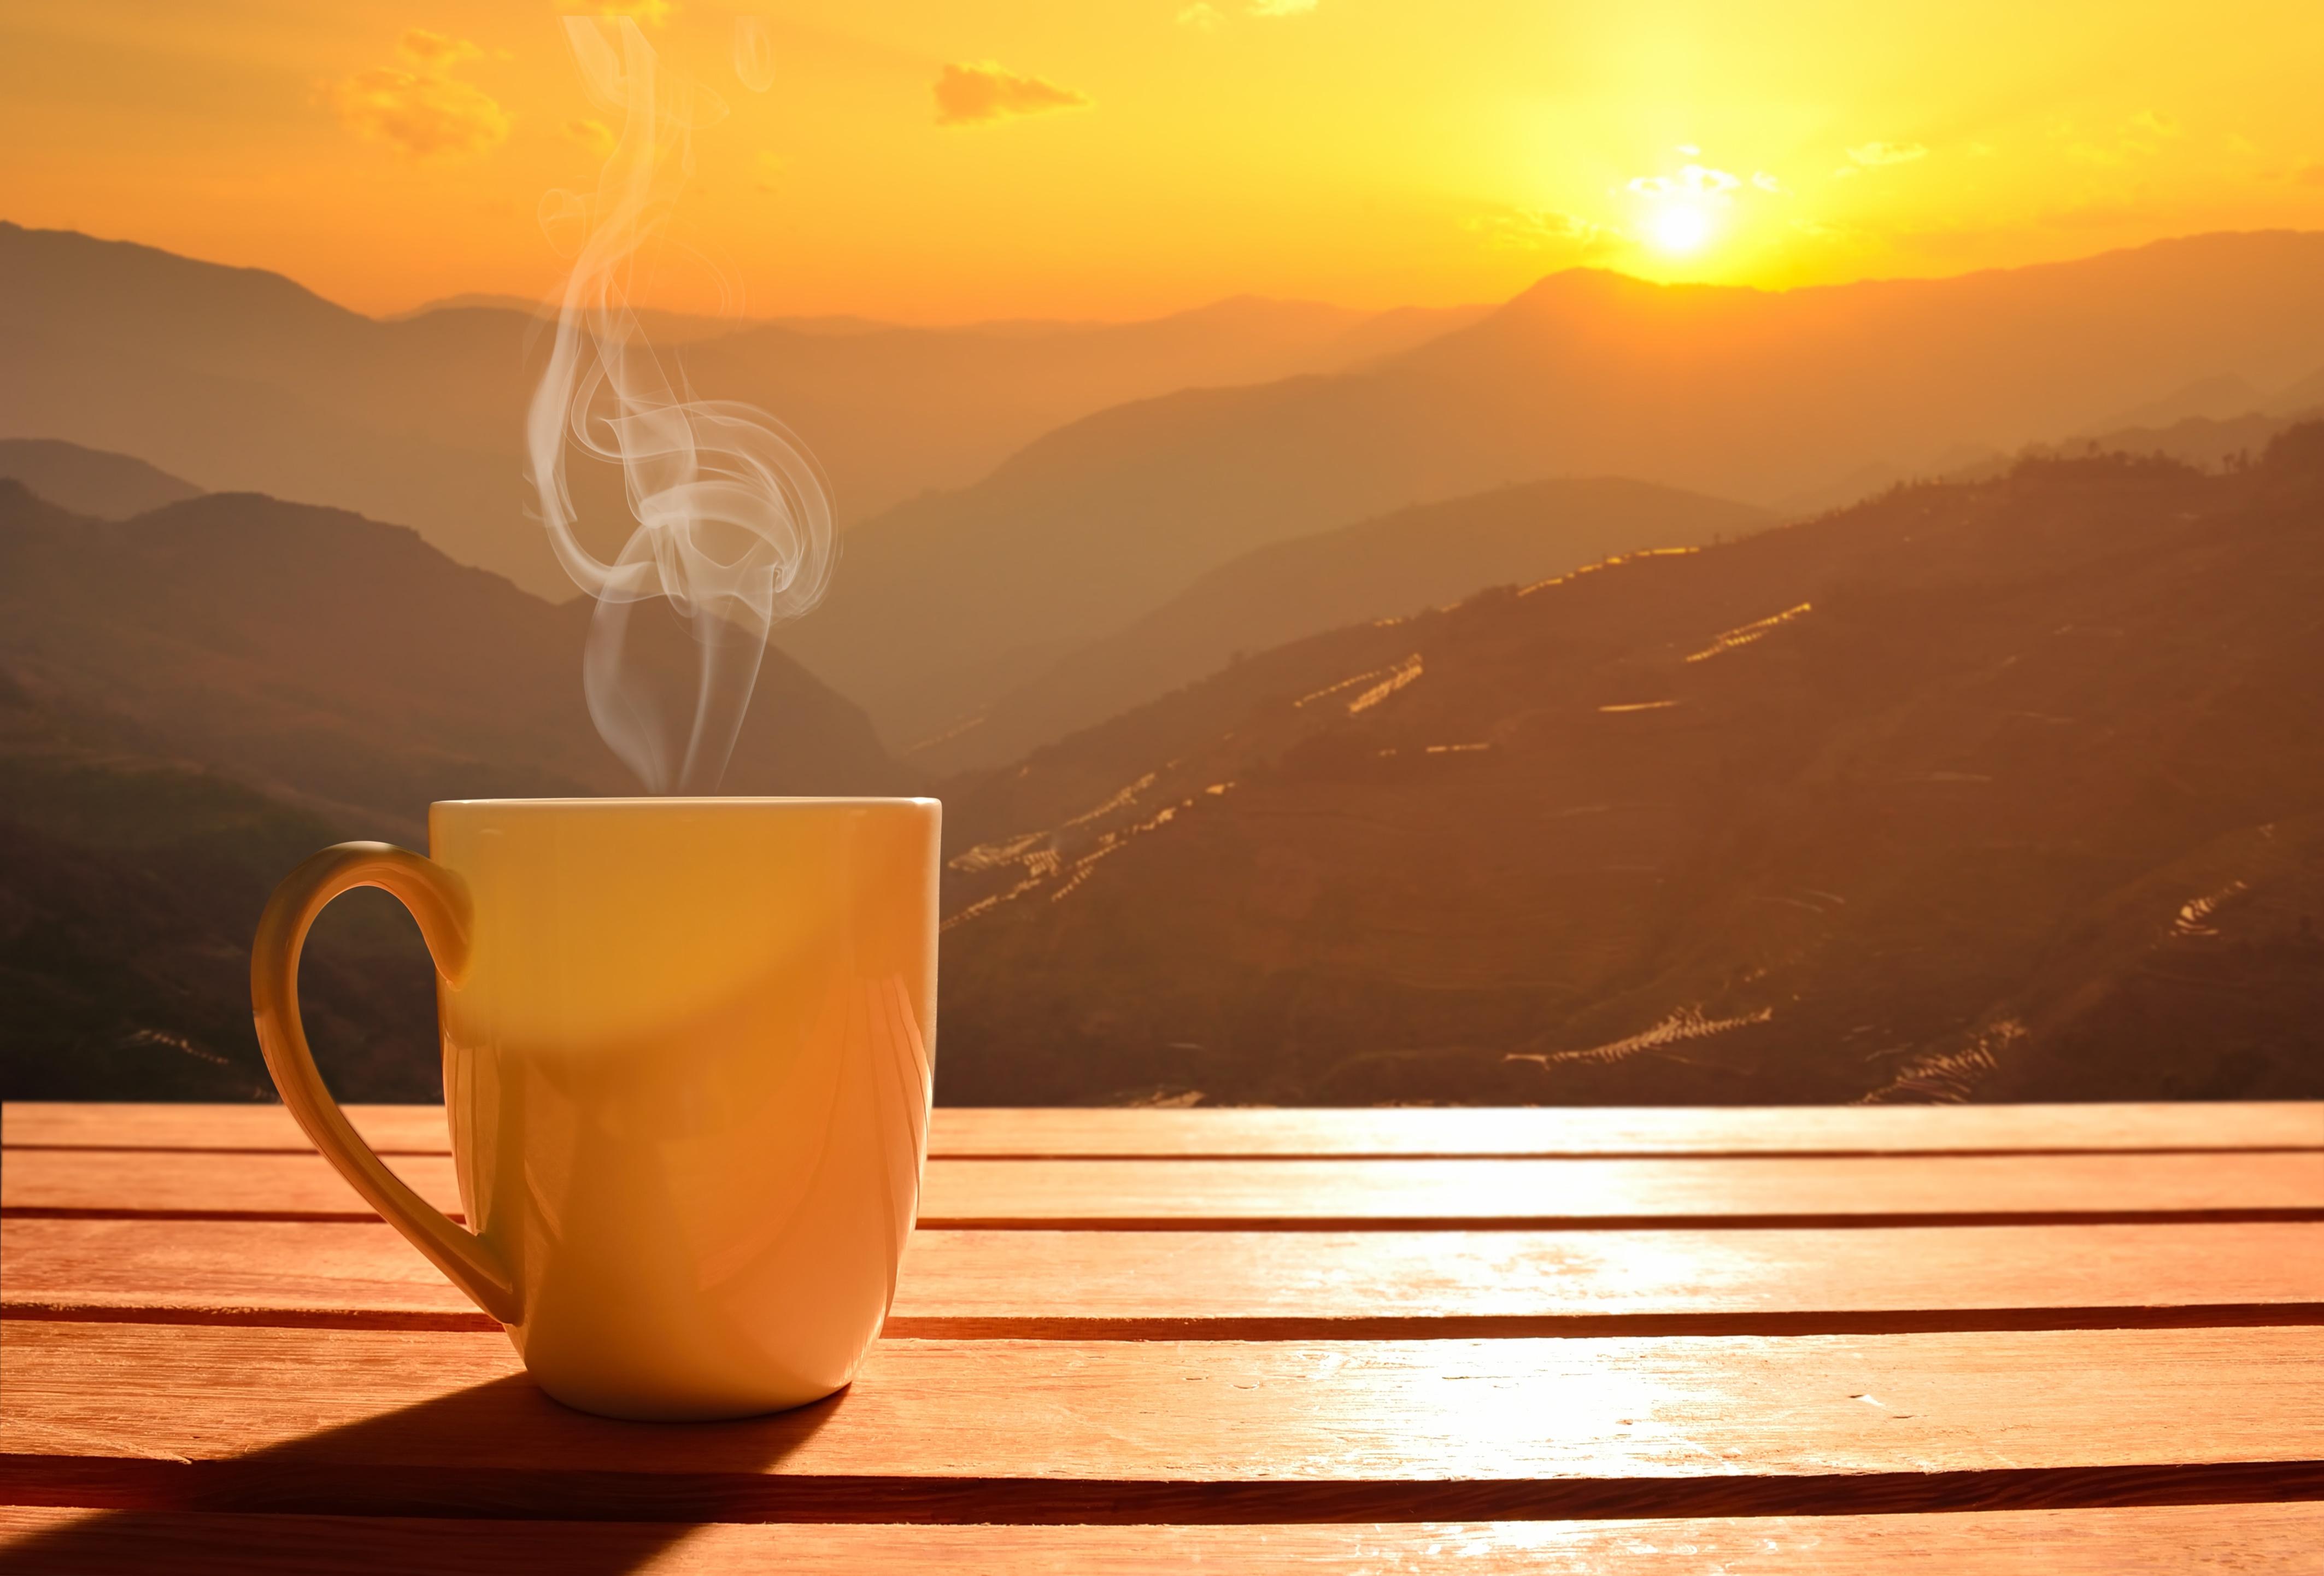 моя картинка доброе утро долина идет воздушном